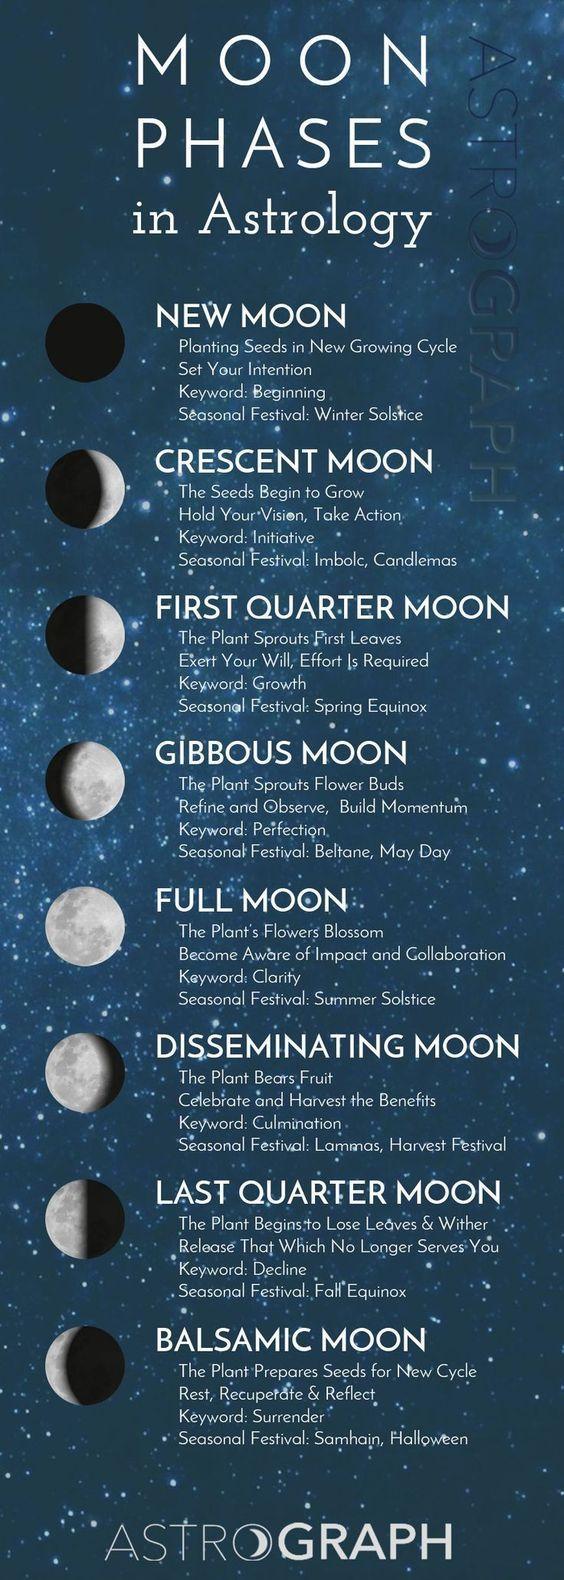 Pin De Anna Cortez Em Tattoos Astrologia Astrologia Vedica Fases Lunares